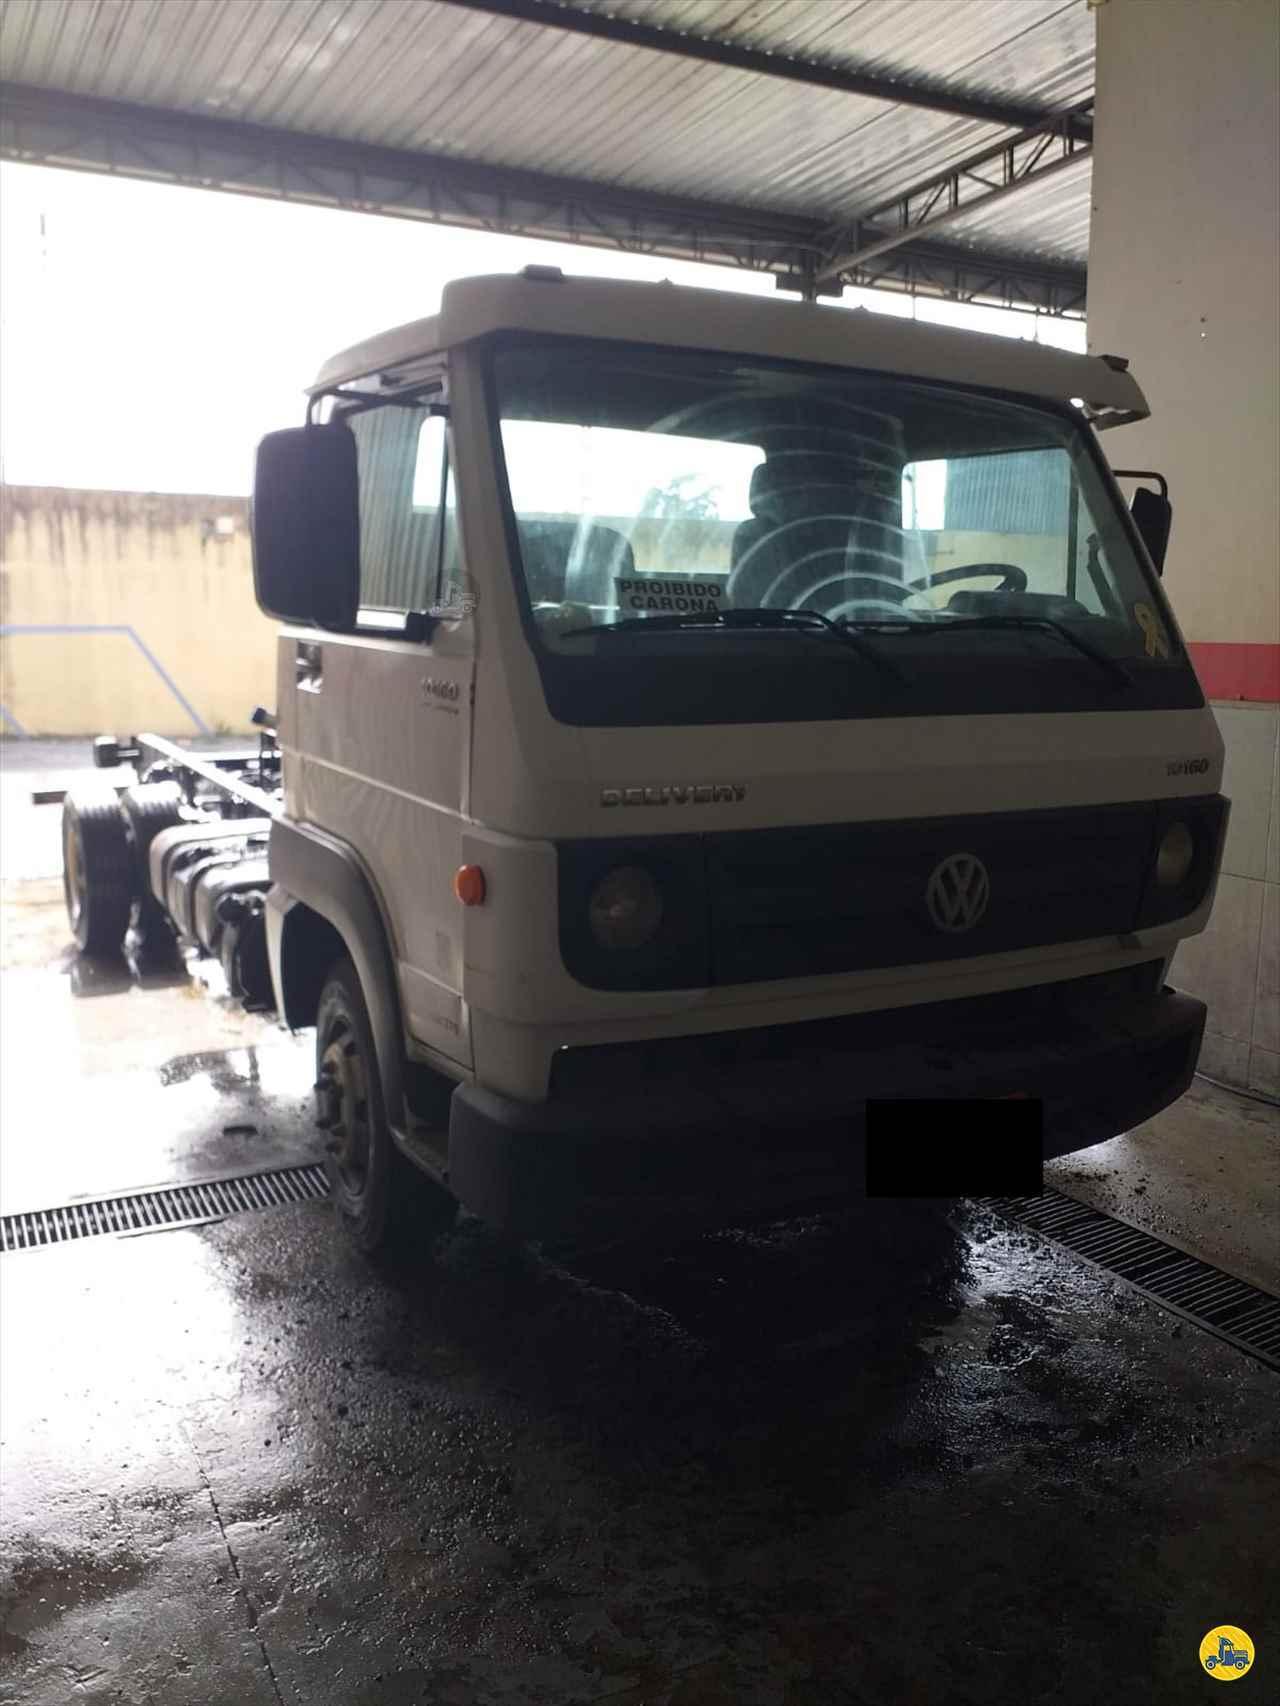 CAMINHAO VOLKSWAGEN VW 10160 Chassis Toco 4x2 Wilson Caminhões RIBEIRAO PIRES SÃO PAULO SP